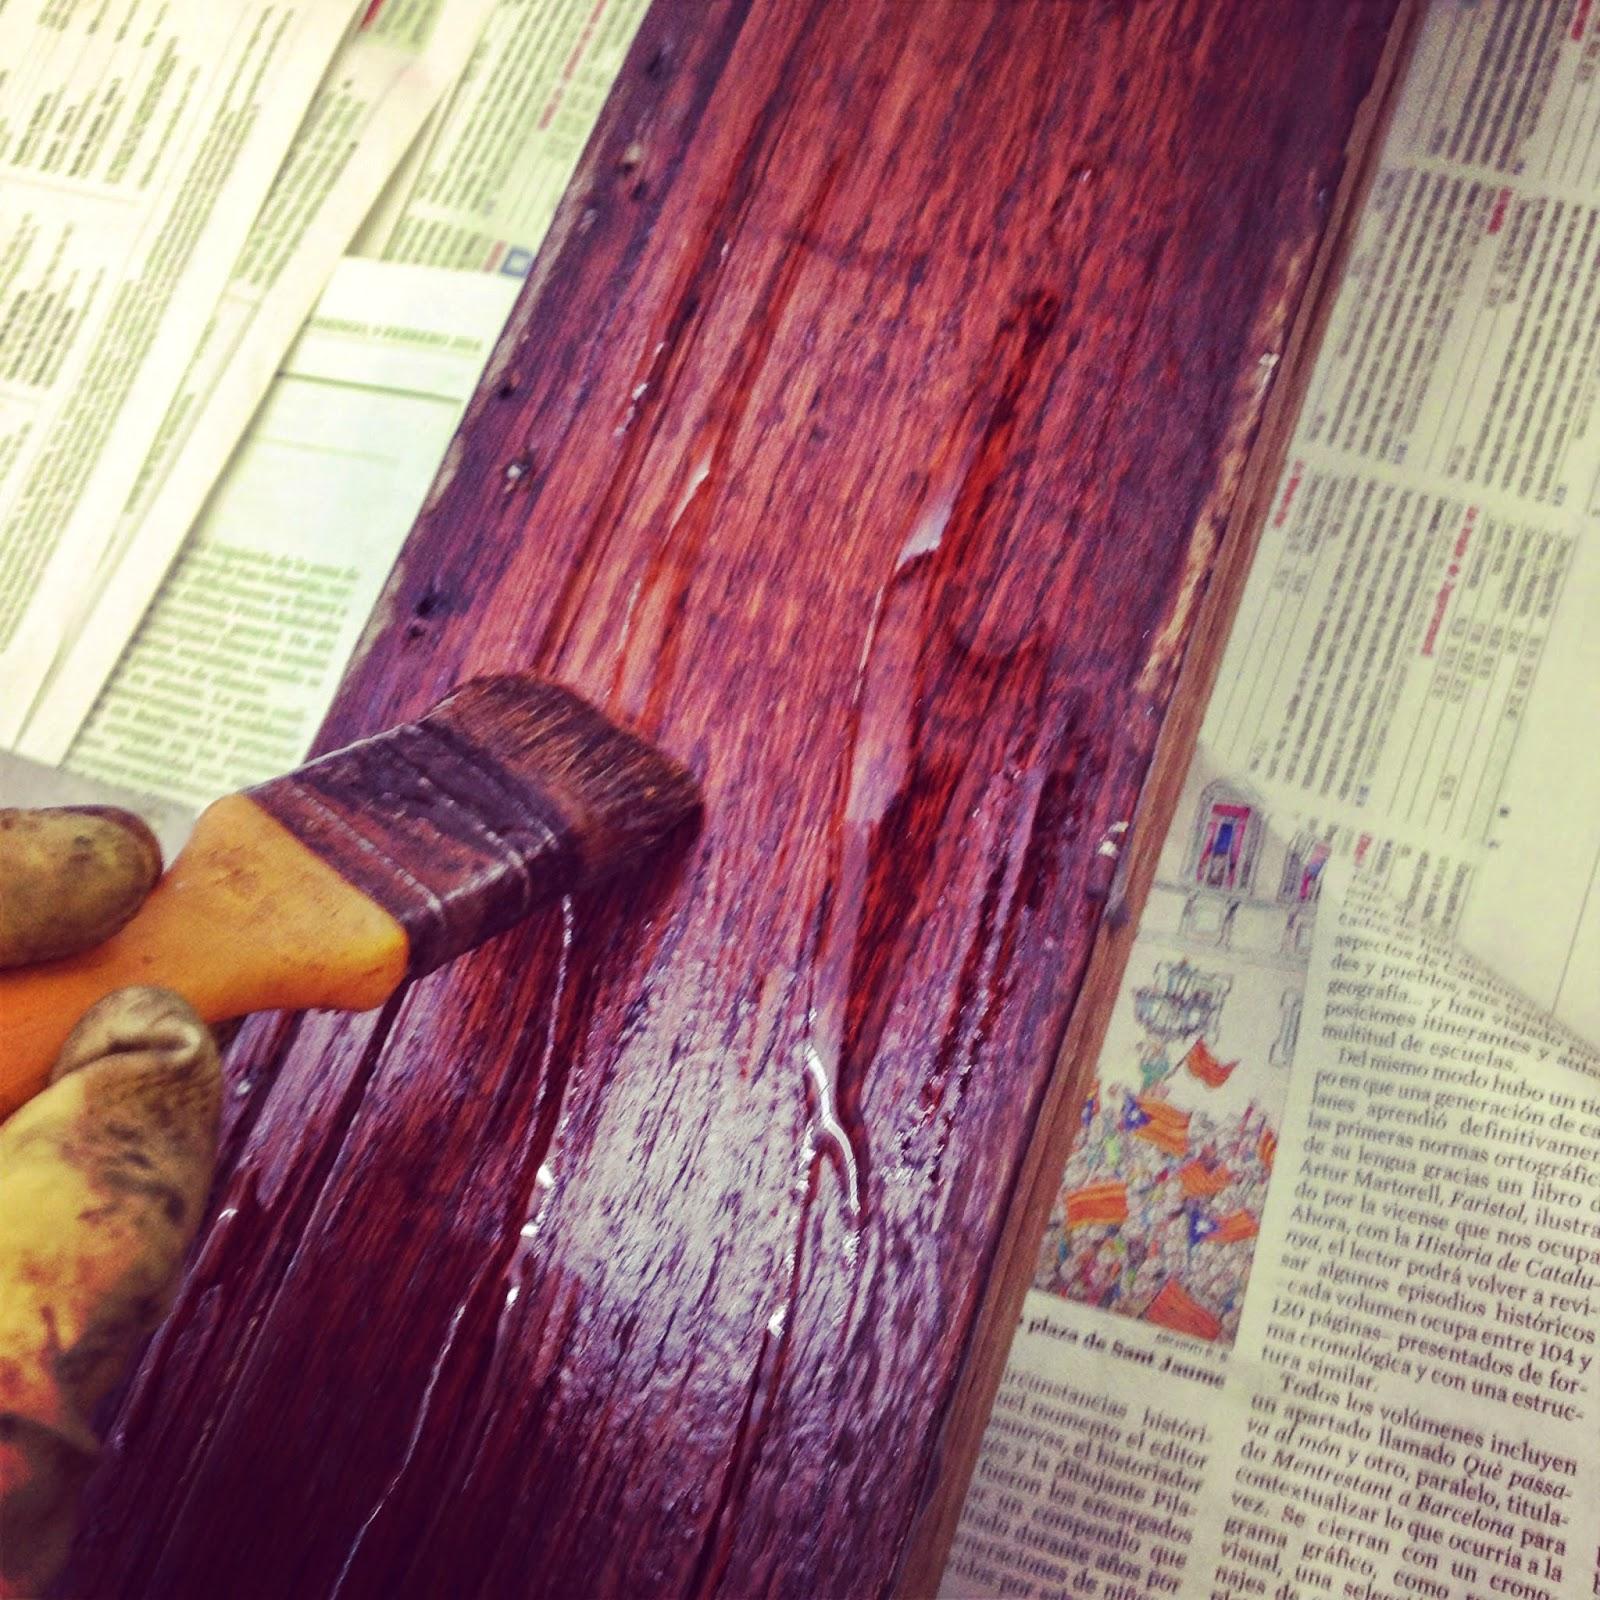 Biombo archivos rojosill n for Decapante para madera